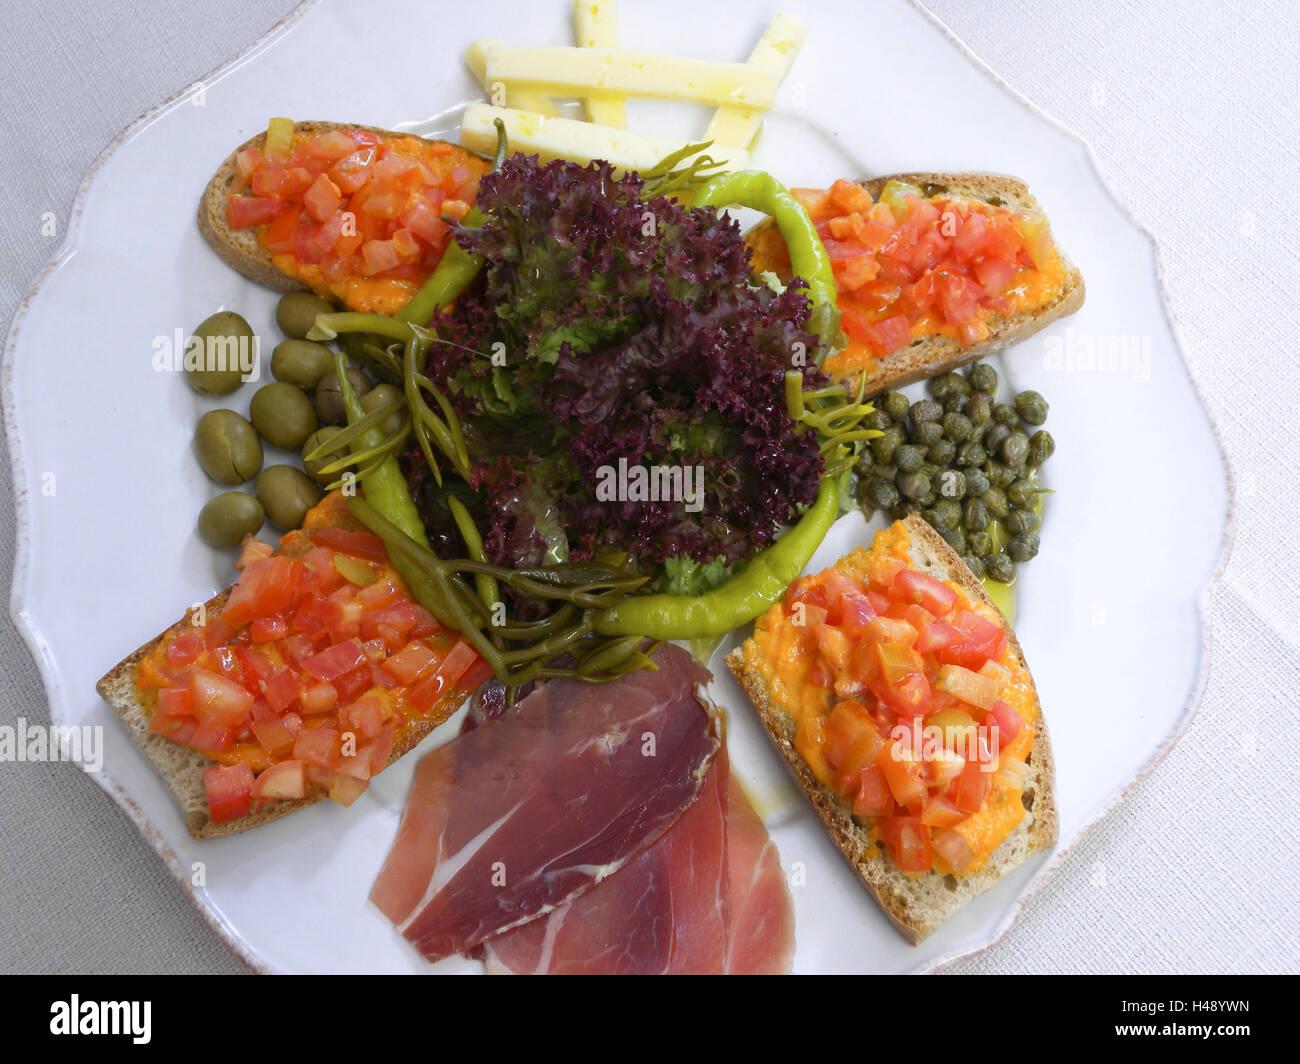 Placa con tapa, aperitivo, comida, Mallorca, España Imagen De Stock